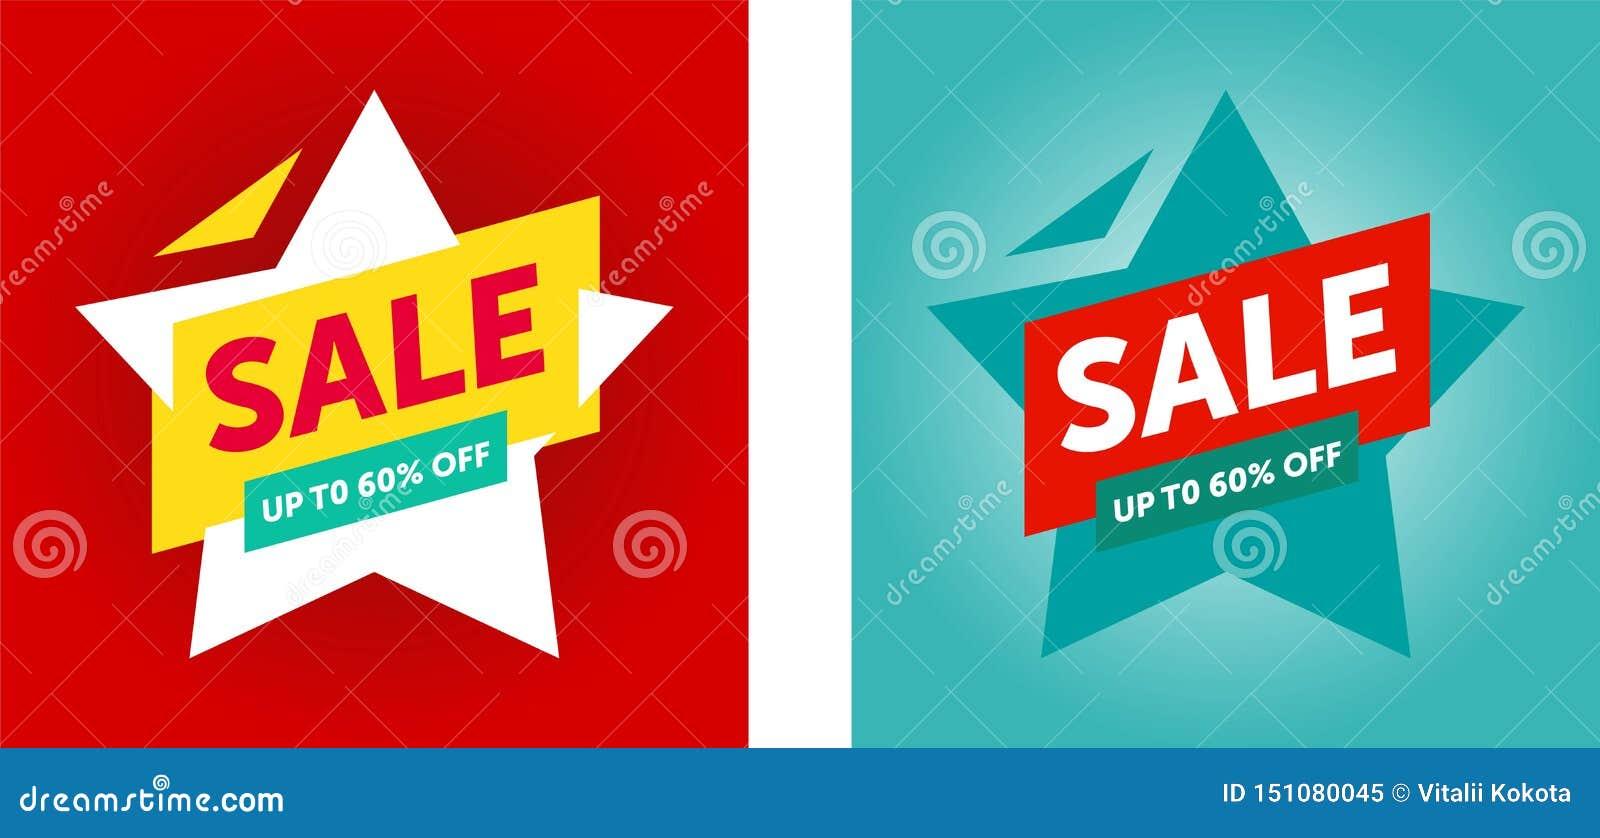 Ειδικό έμβλημα πώλησης προσφοράς τελικό, μέχρι 60  μακριά r